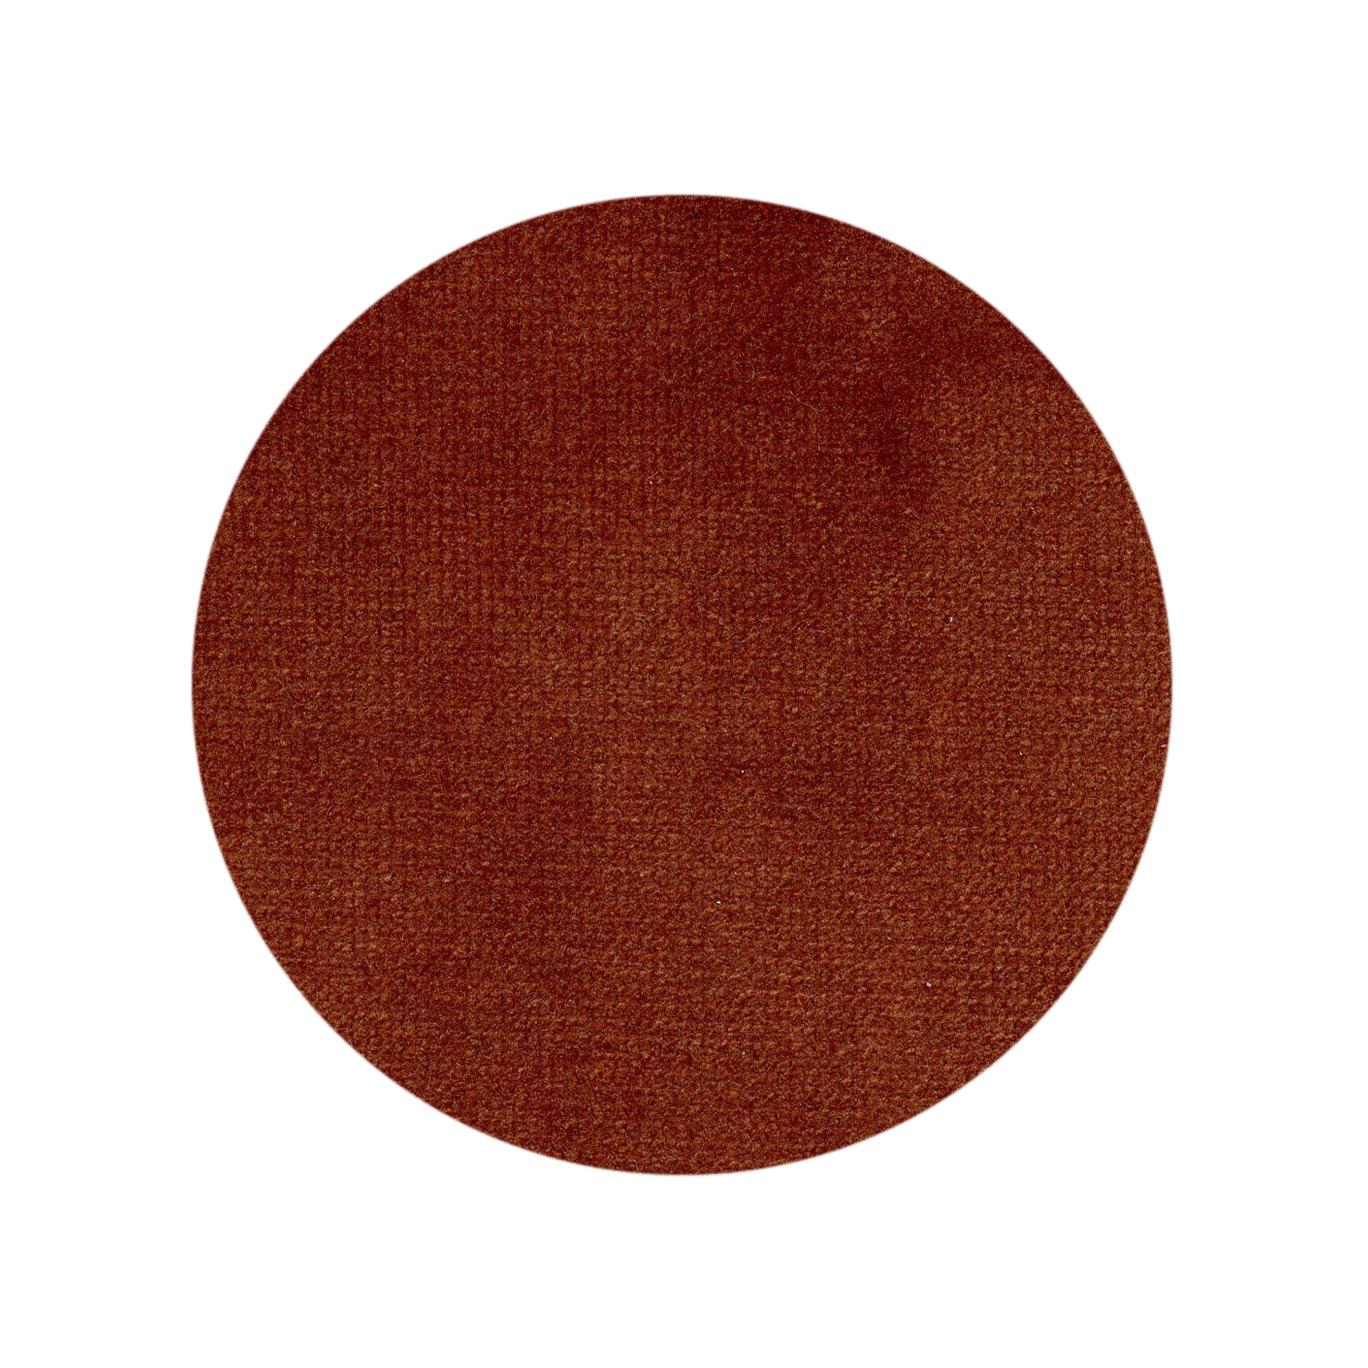 Astor Velvet - Rust